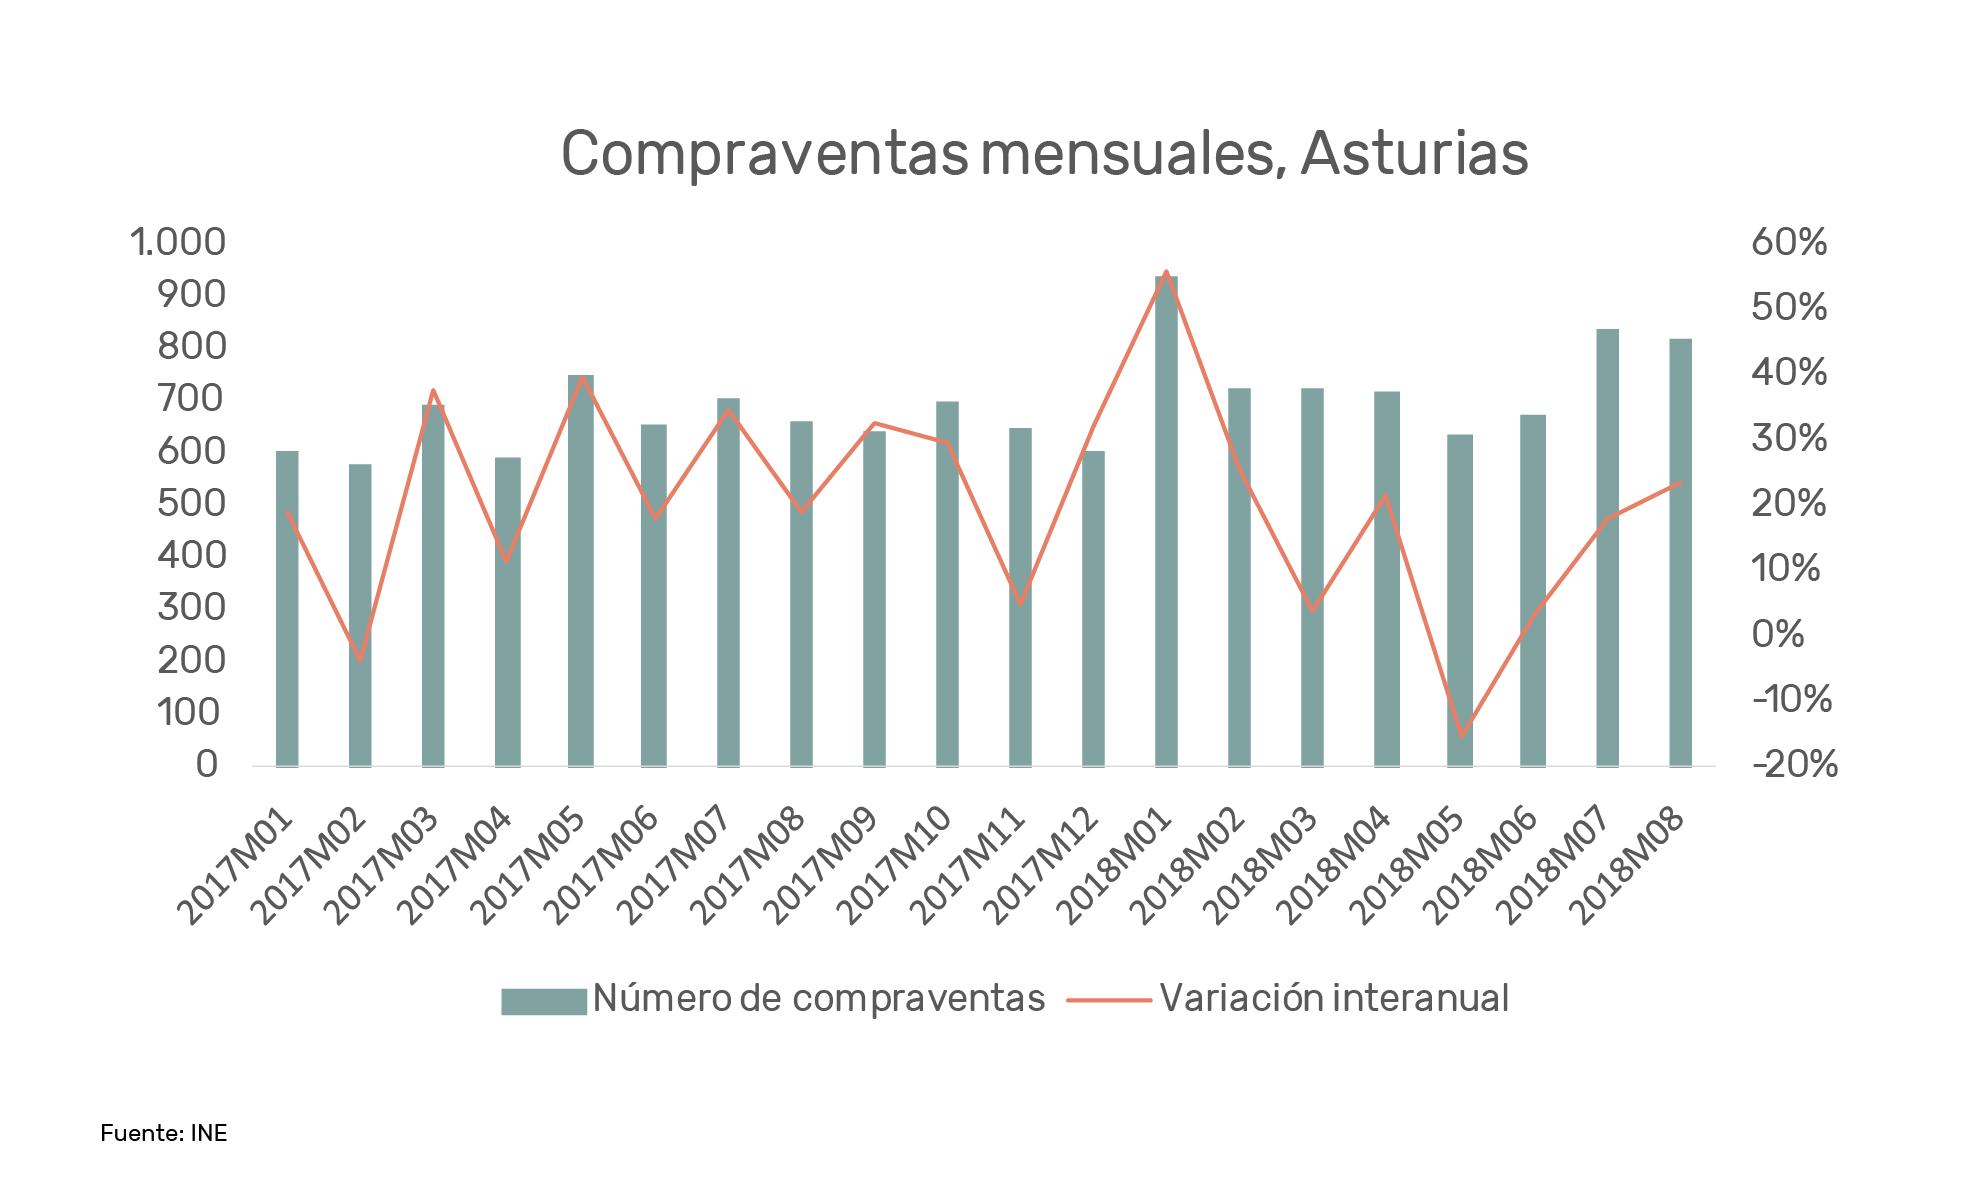 Invertir en Asturias, compraventas mensuales Llanes